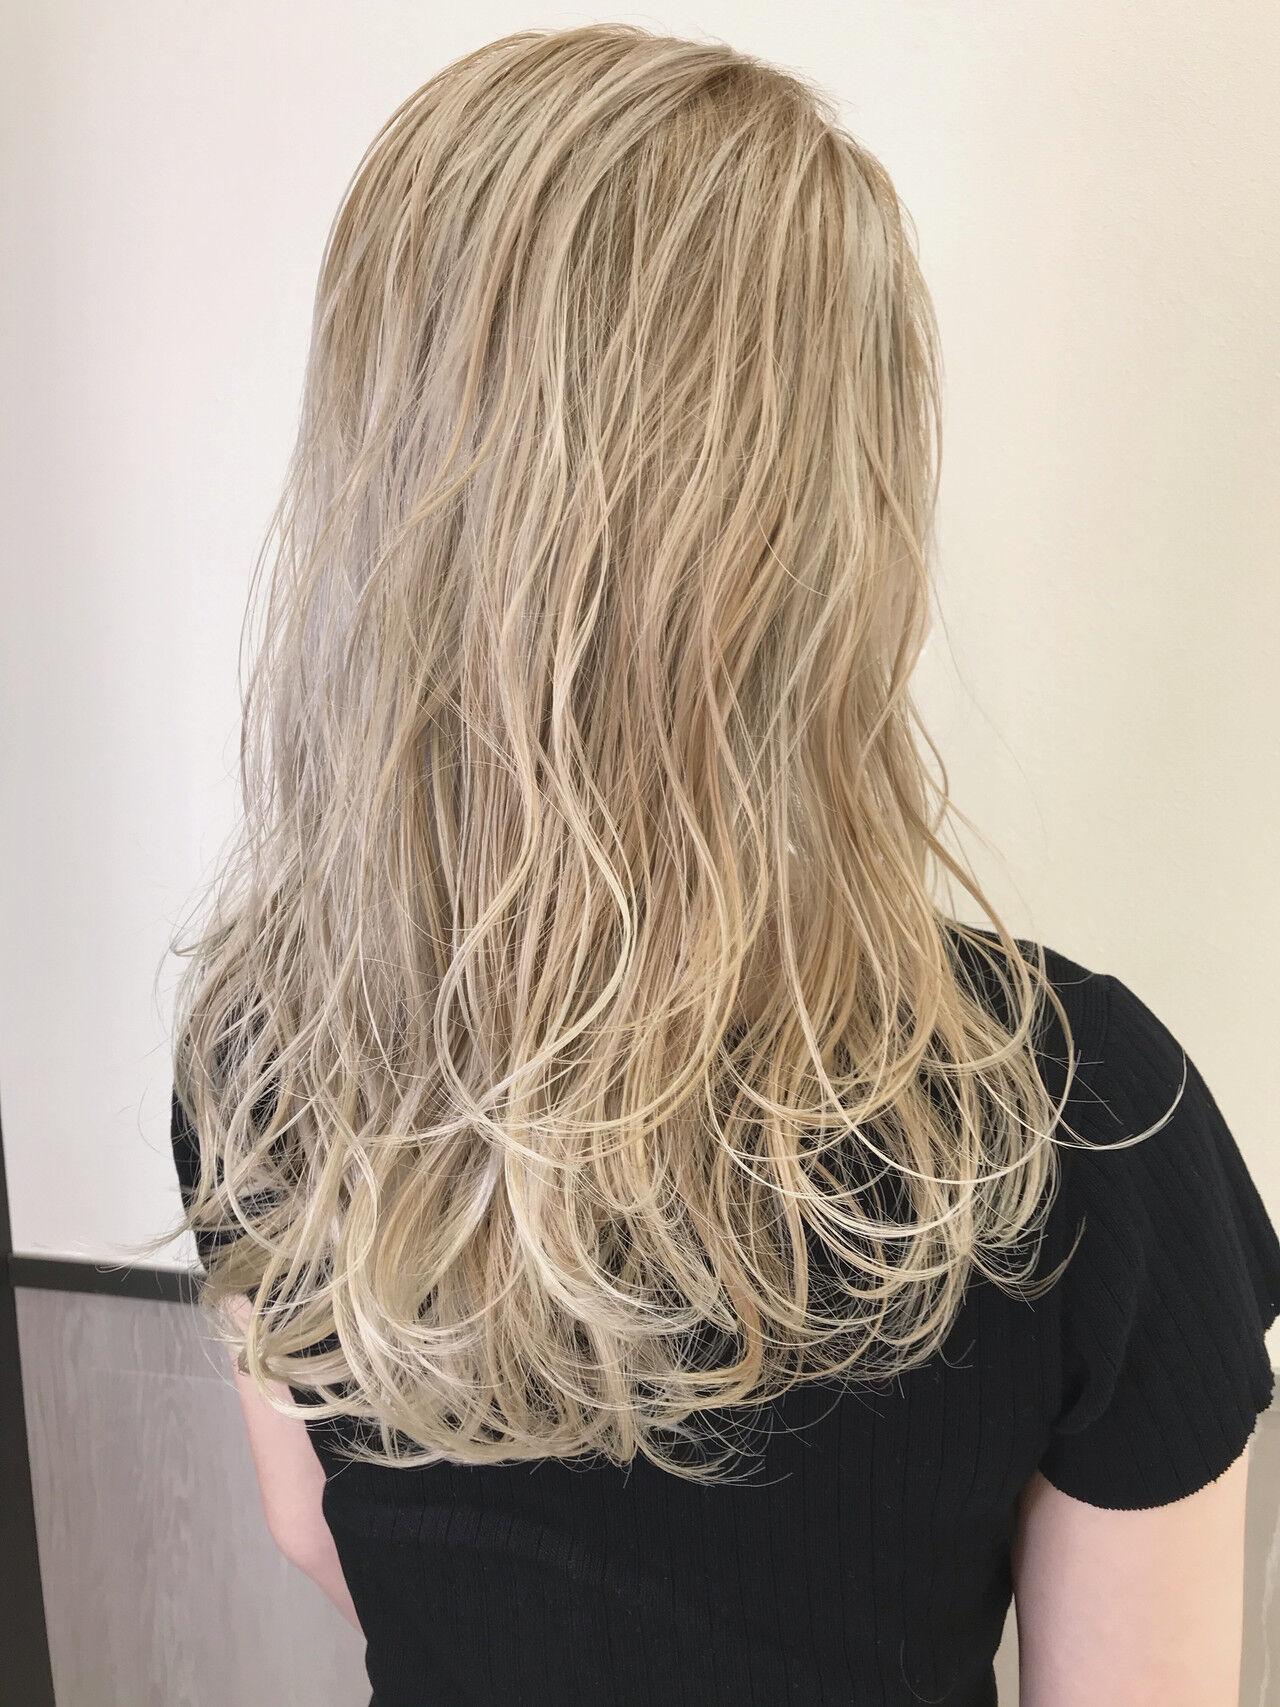 まとめ髪 ヘアアレンジ インナーカラー プラチナブロンドヘアスタイルや髪型の写真・画像